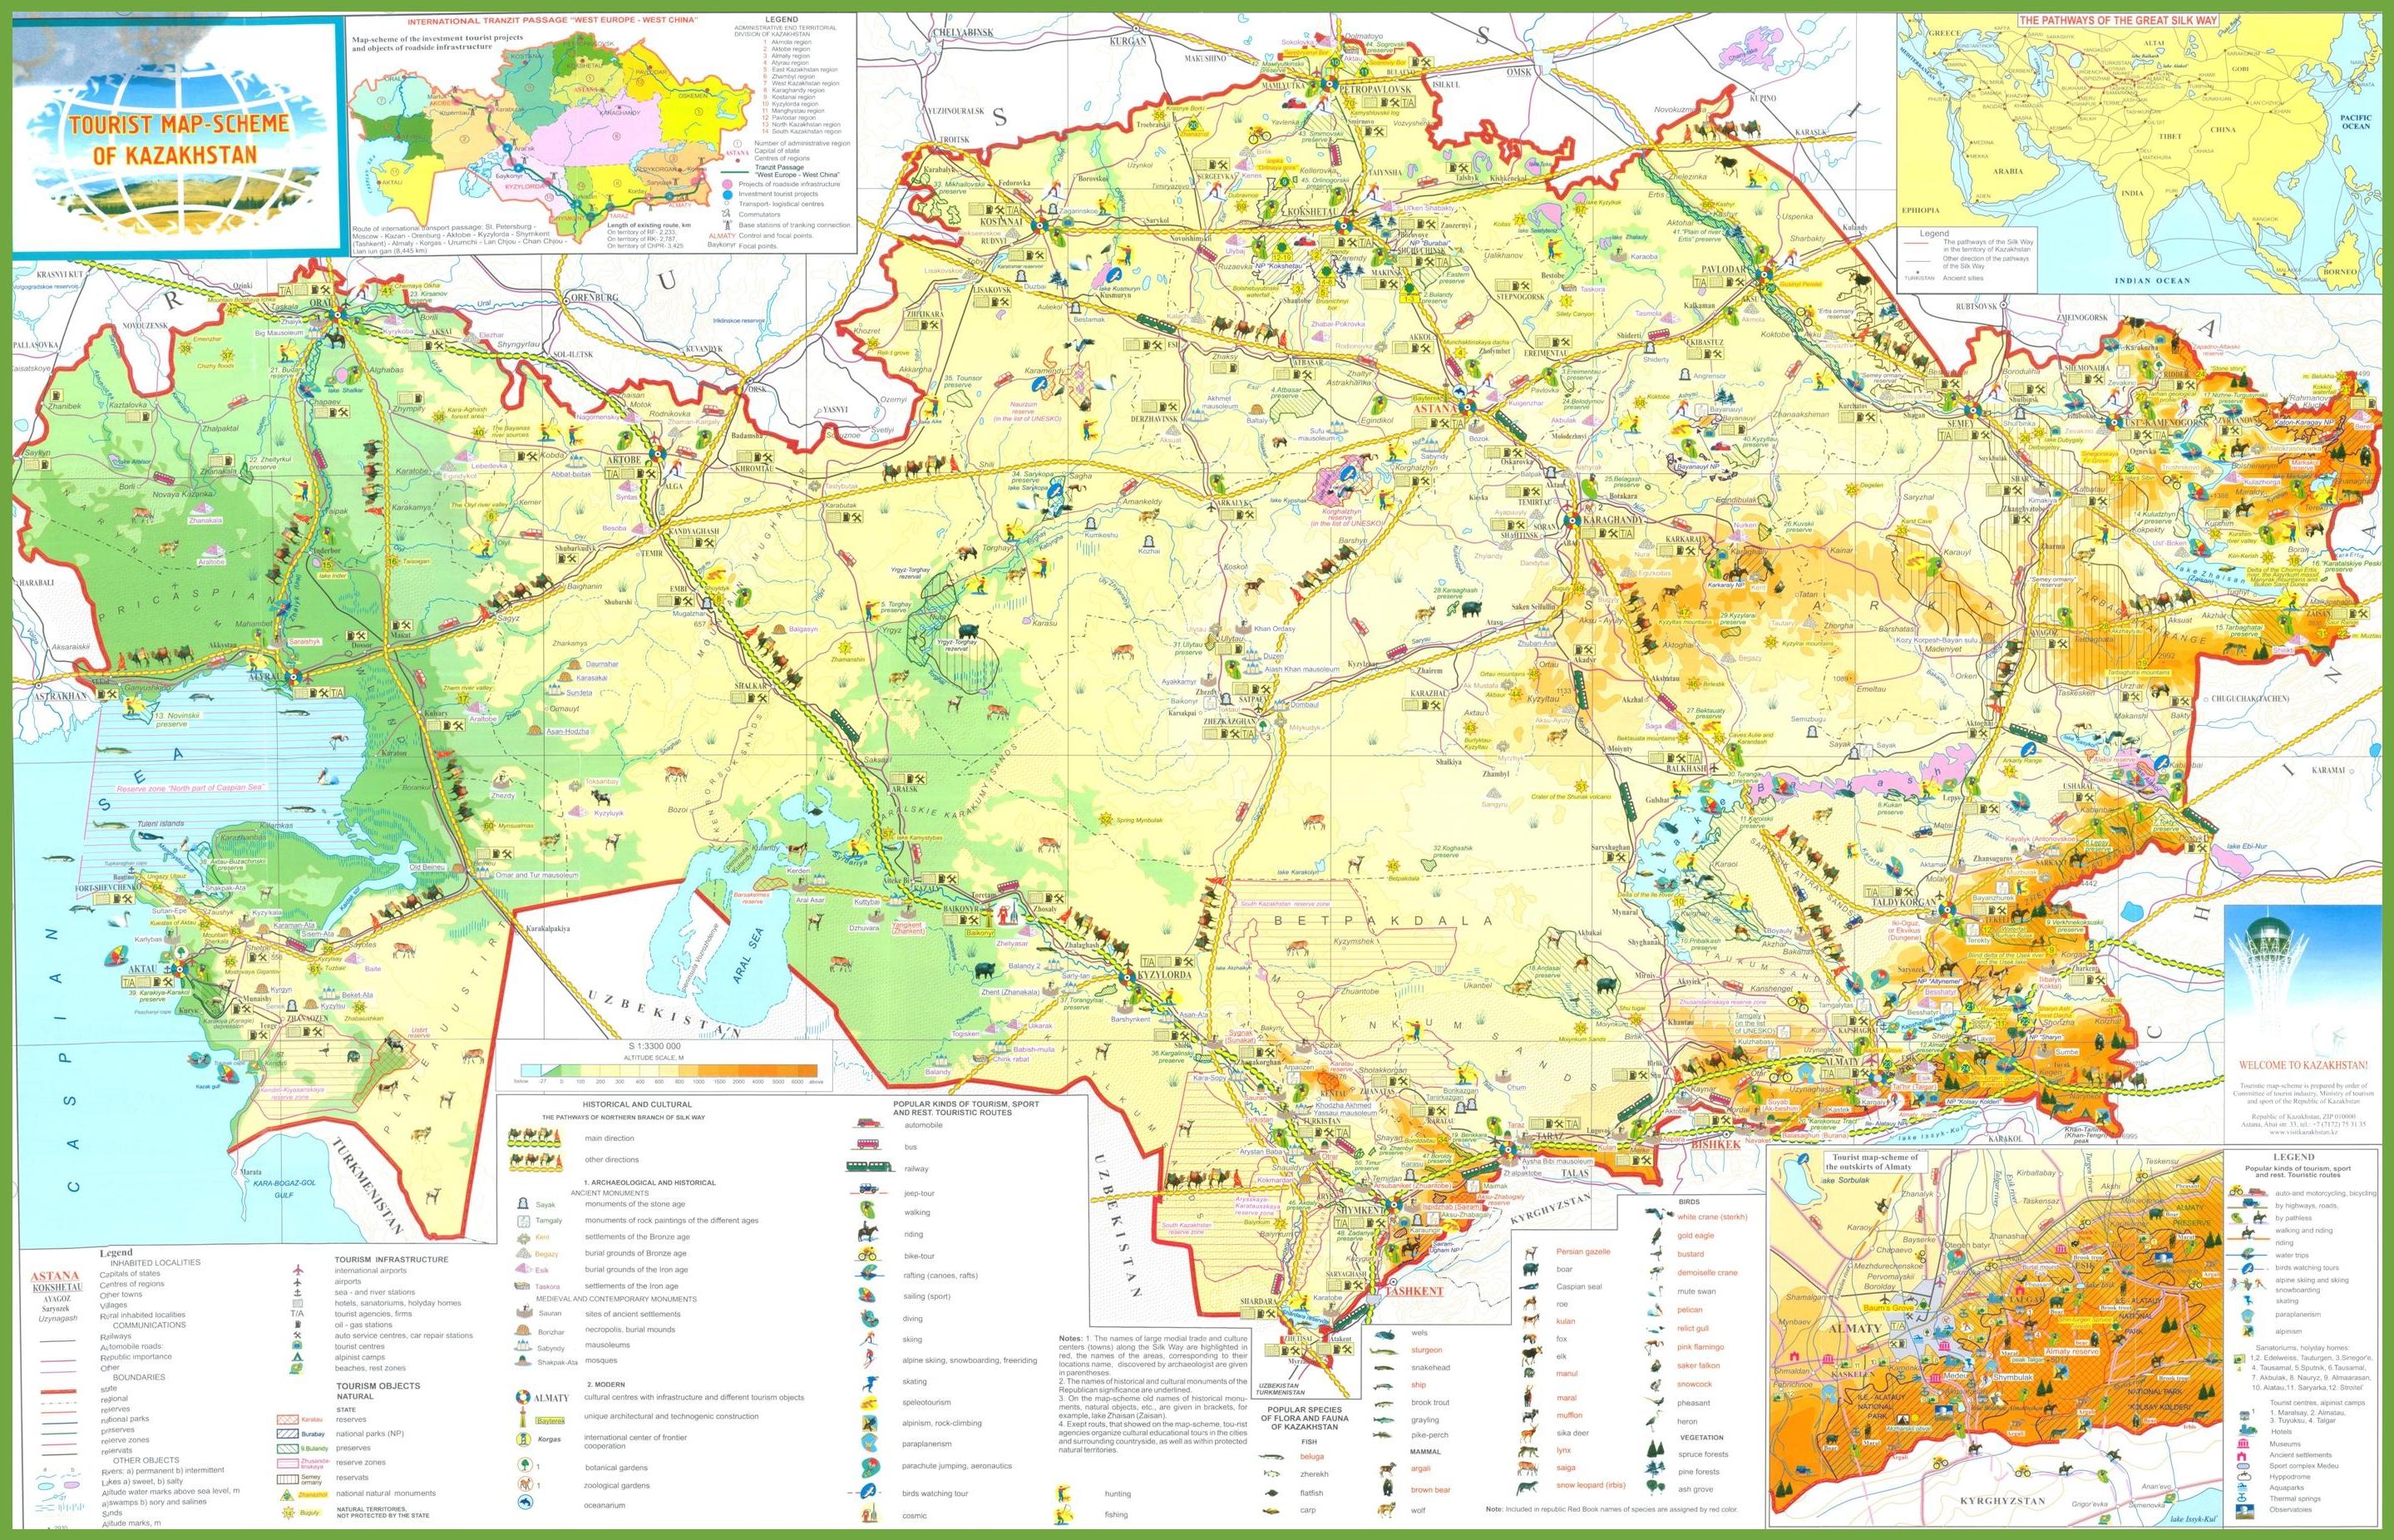 Kazakhstan tourist map